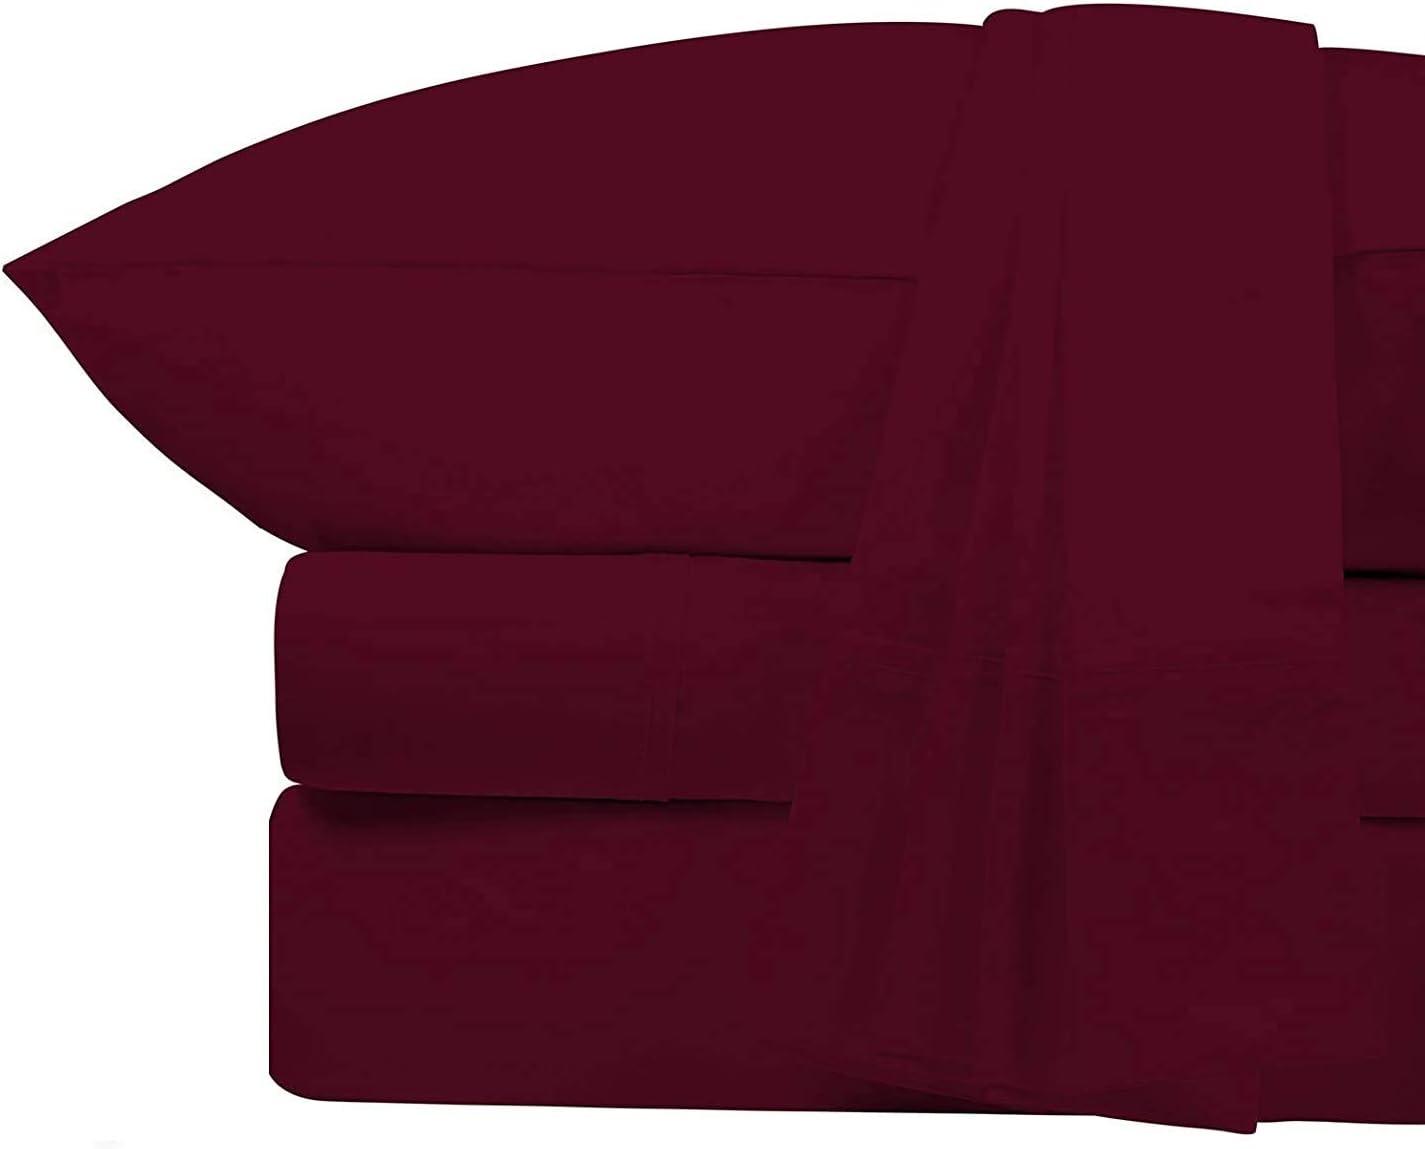 送料無料 激安 お買い得 キ゛フト 800 TC 100% Egyptian Cotton Long-Staple Tw - 信託 Extra Sheets